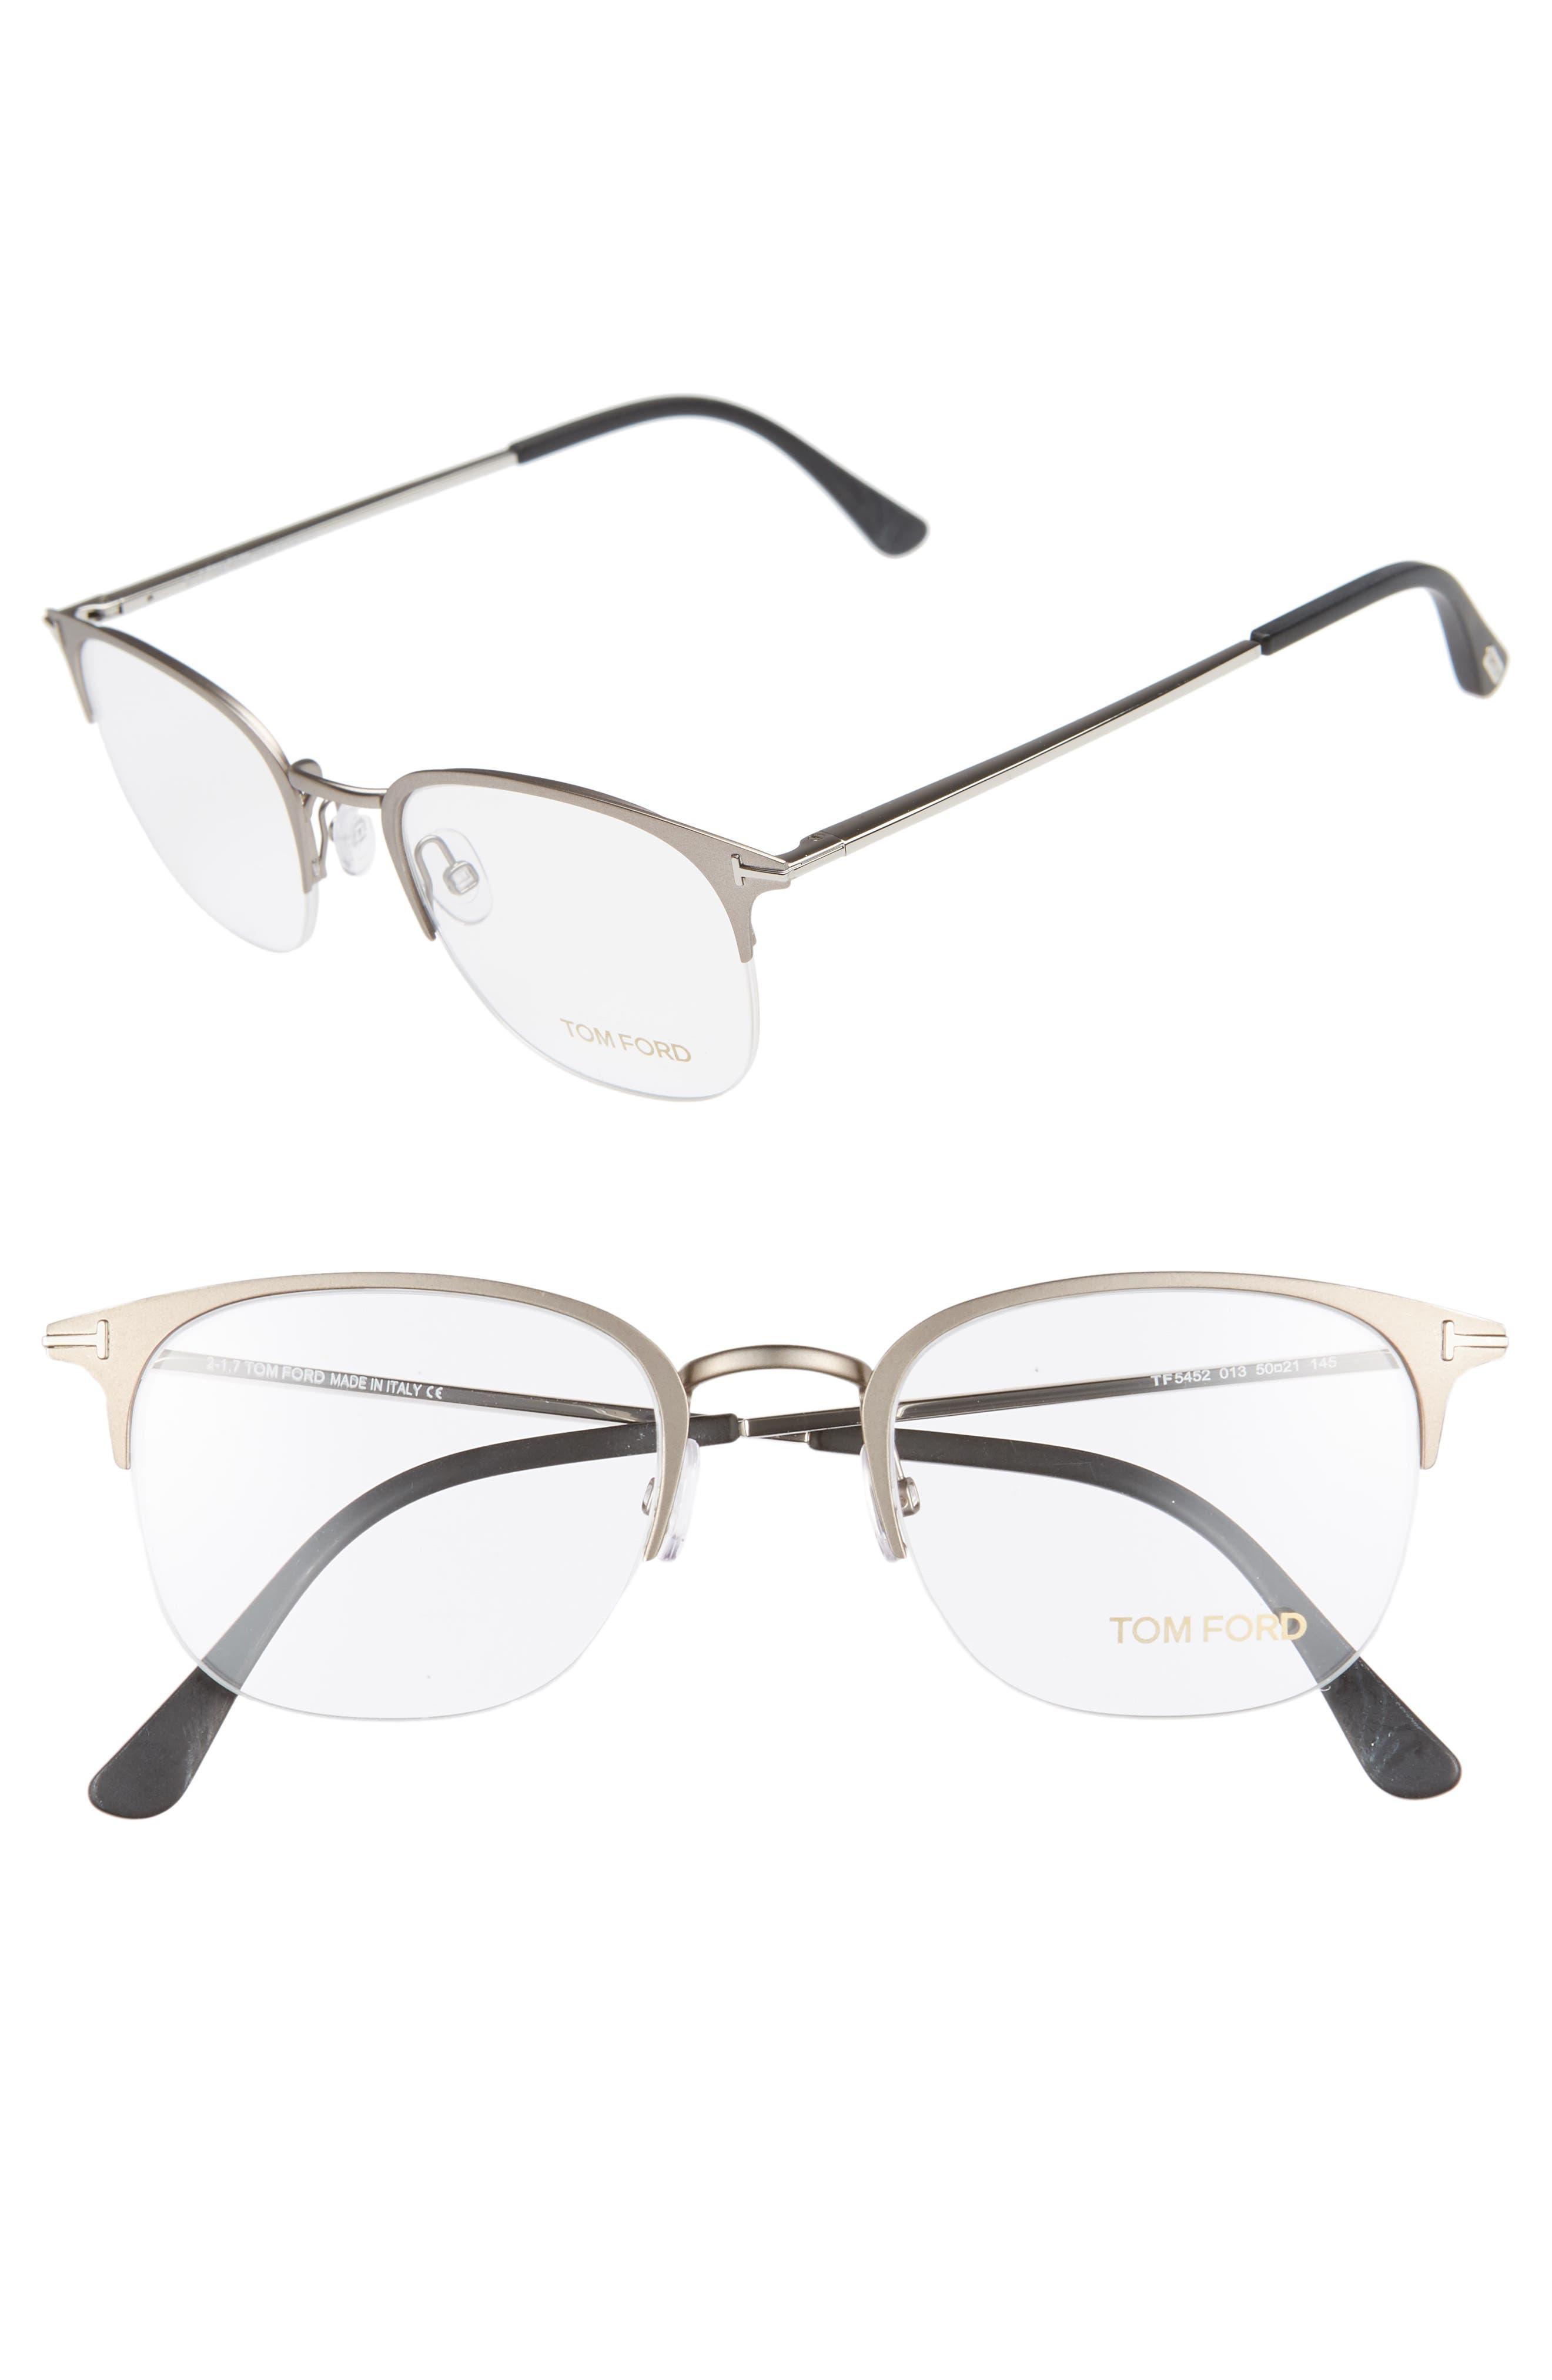 50mm Optical Glasses,                         Main,                         color, MATTE DARK RUTHENIUM